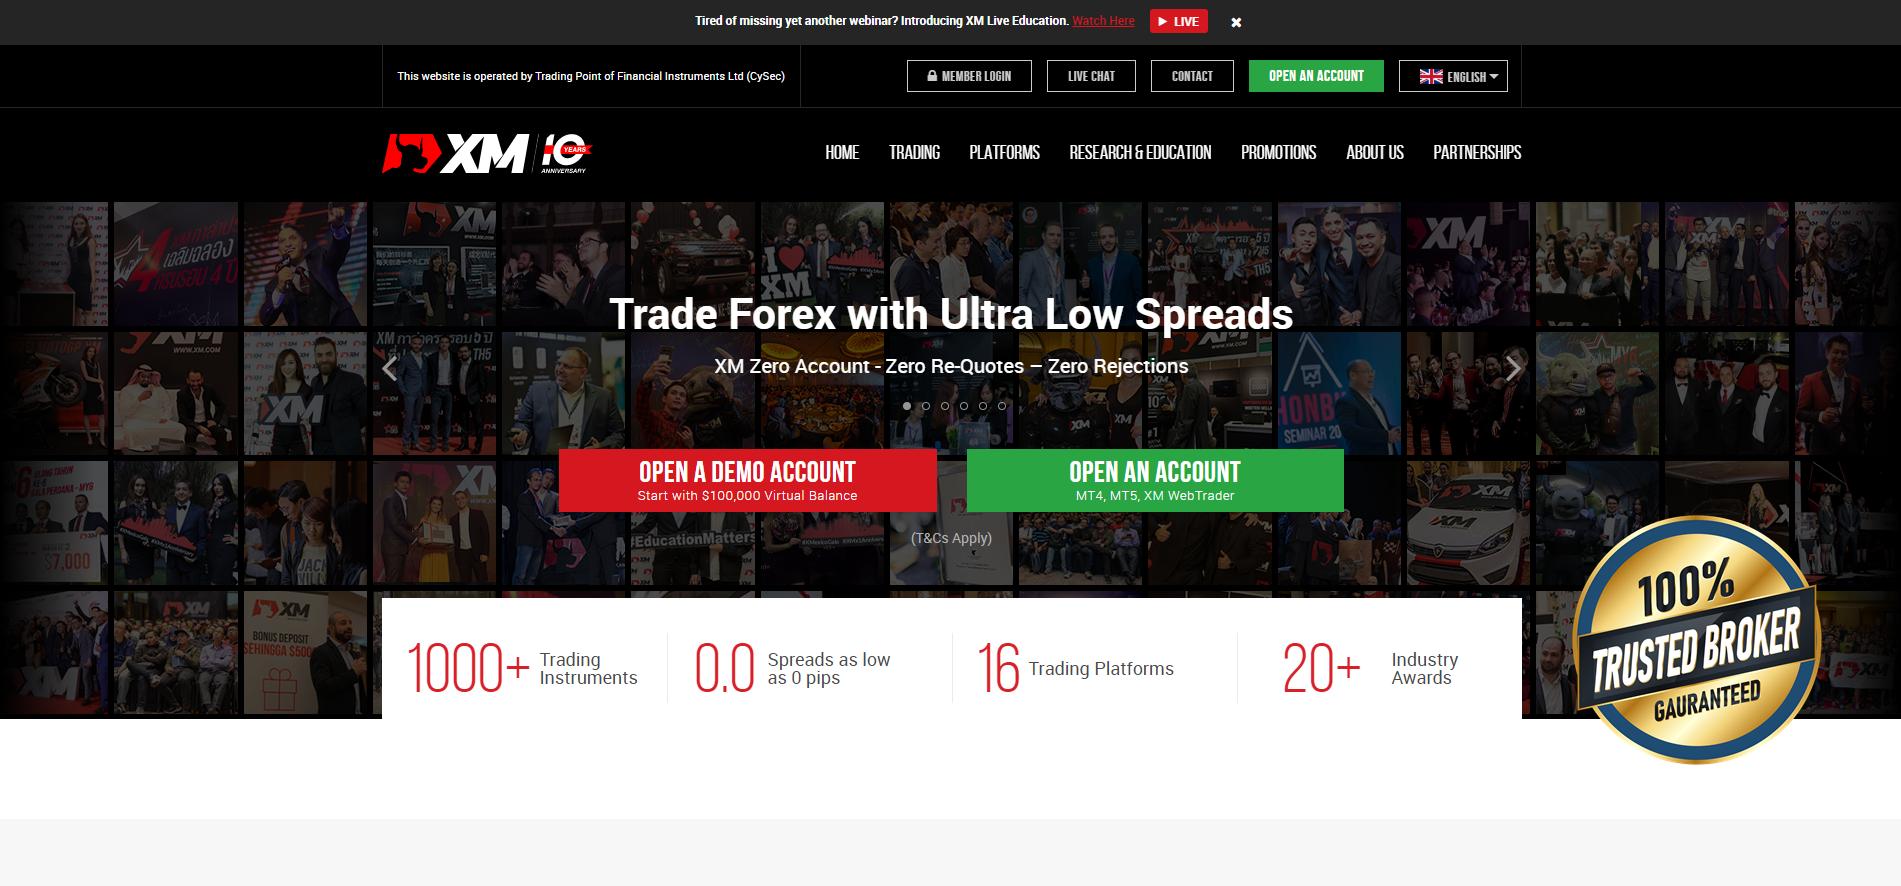 Официальный сайт Forex Broker XM